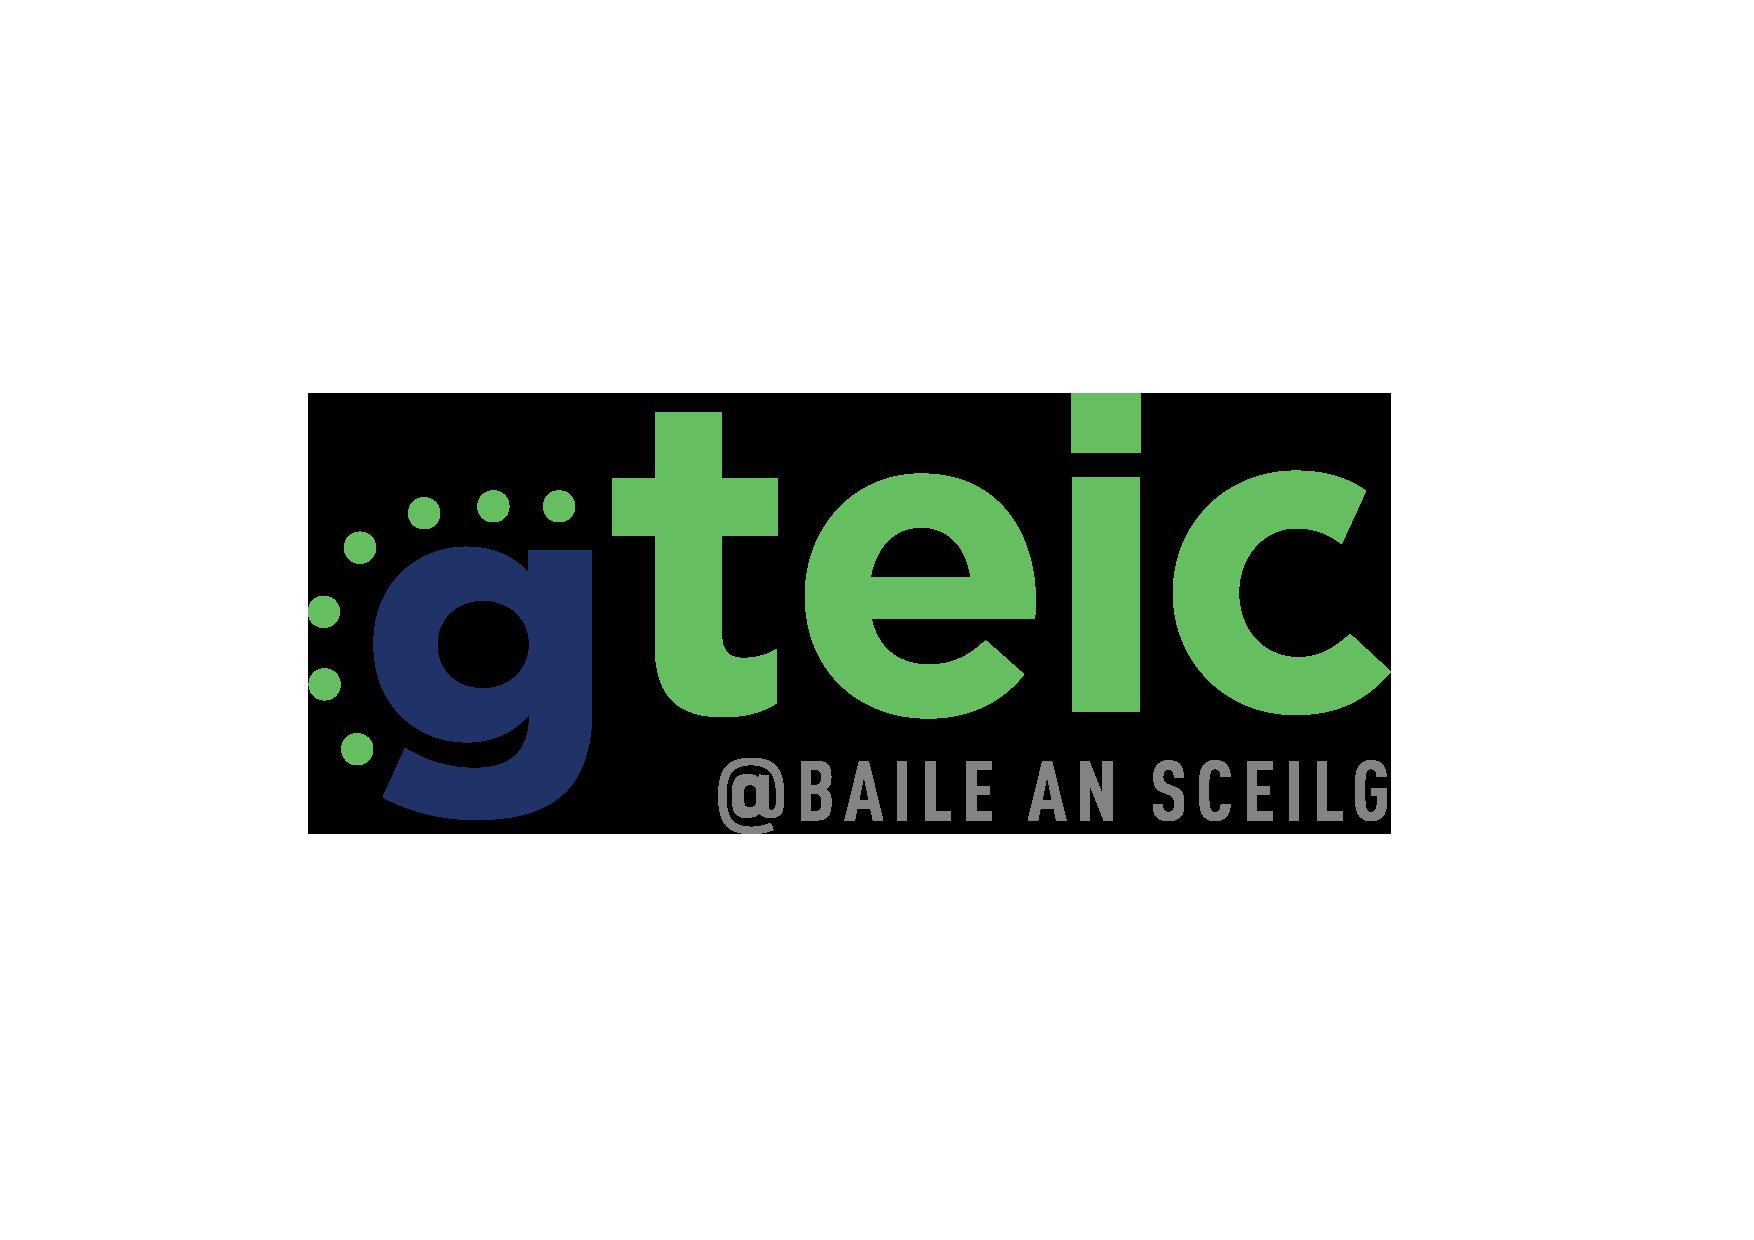 gteic @ Baile an Sceilg